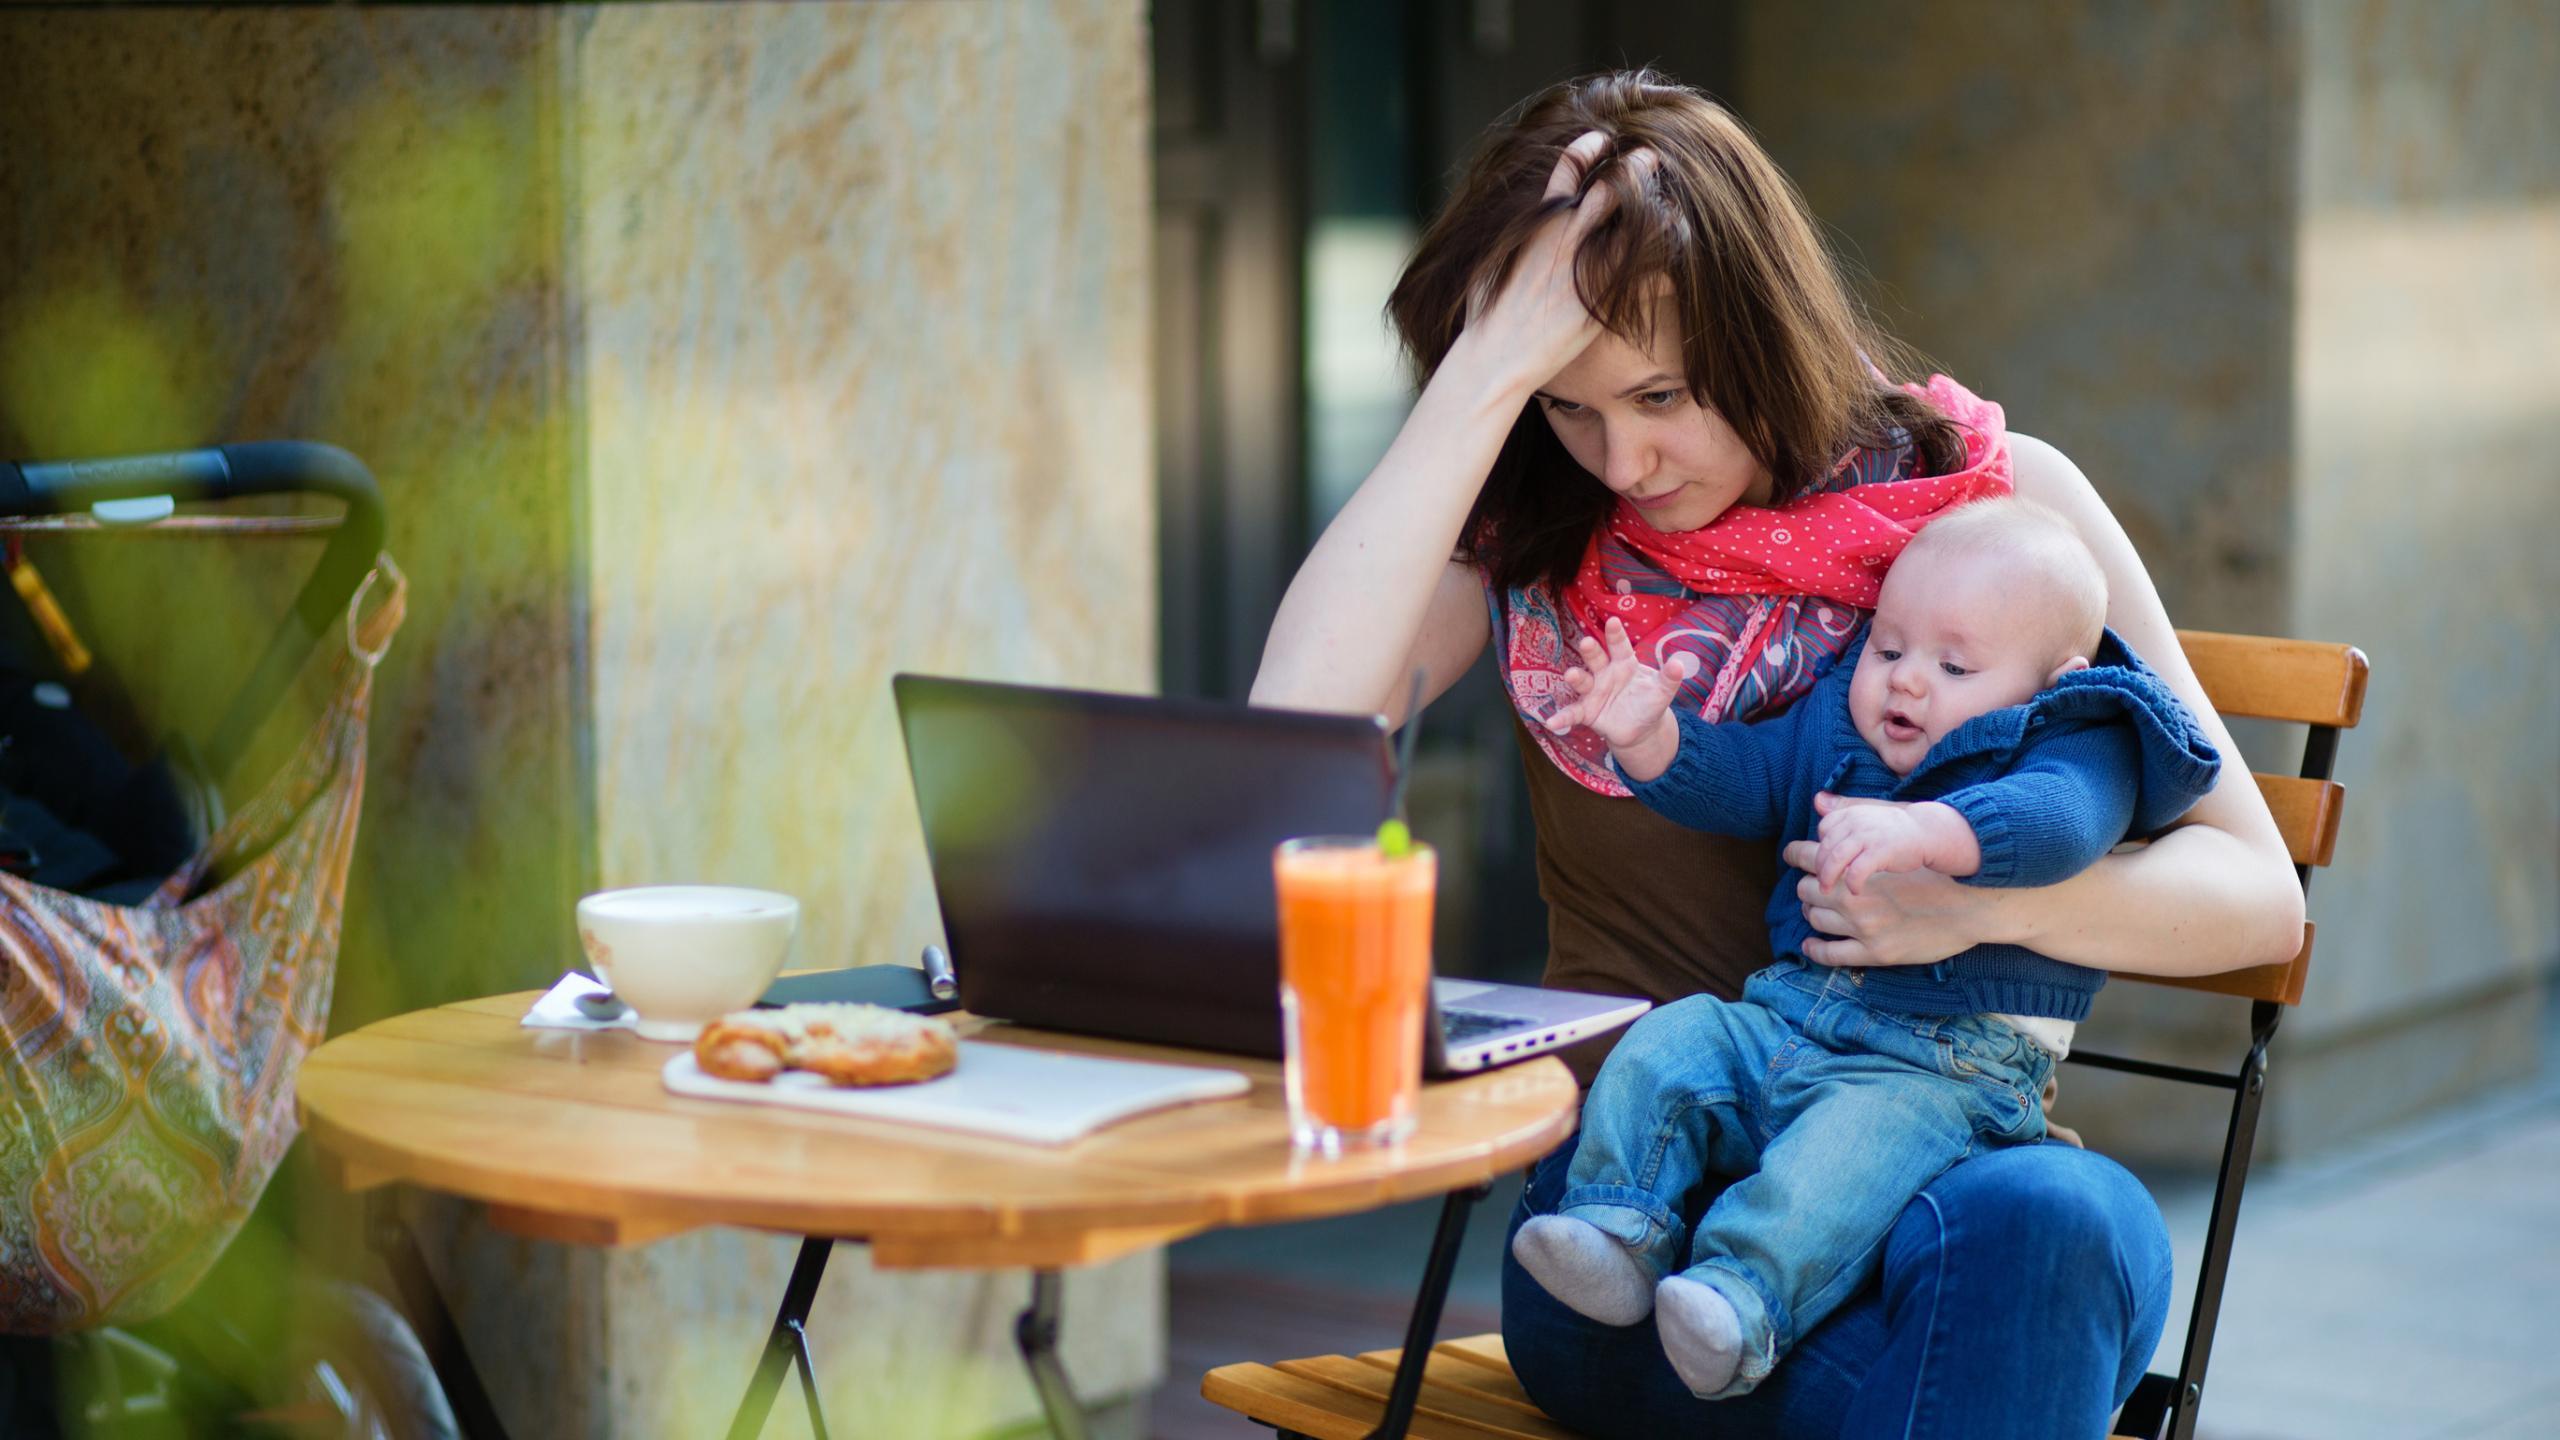 Необеспеченные родители оказались склонны меньше разговаривать с детьми, чем обеспеченные